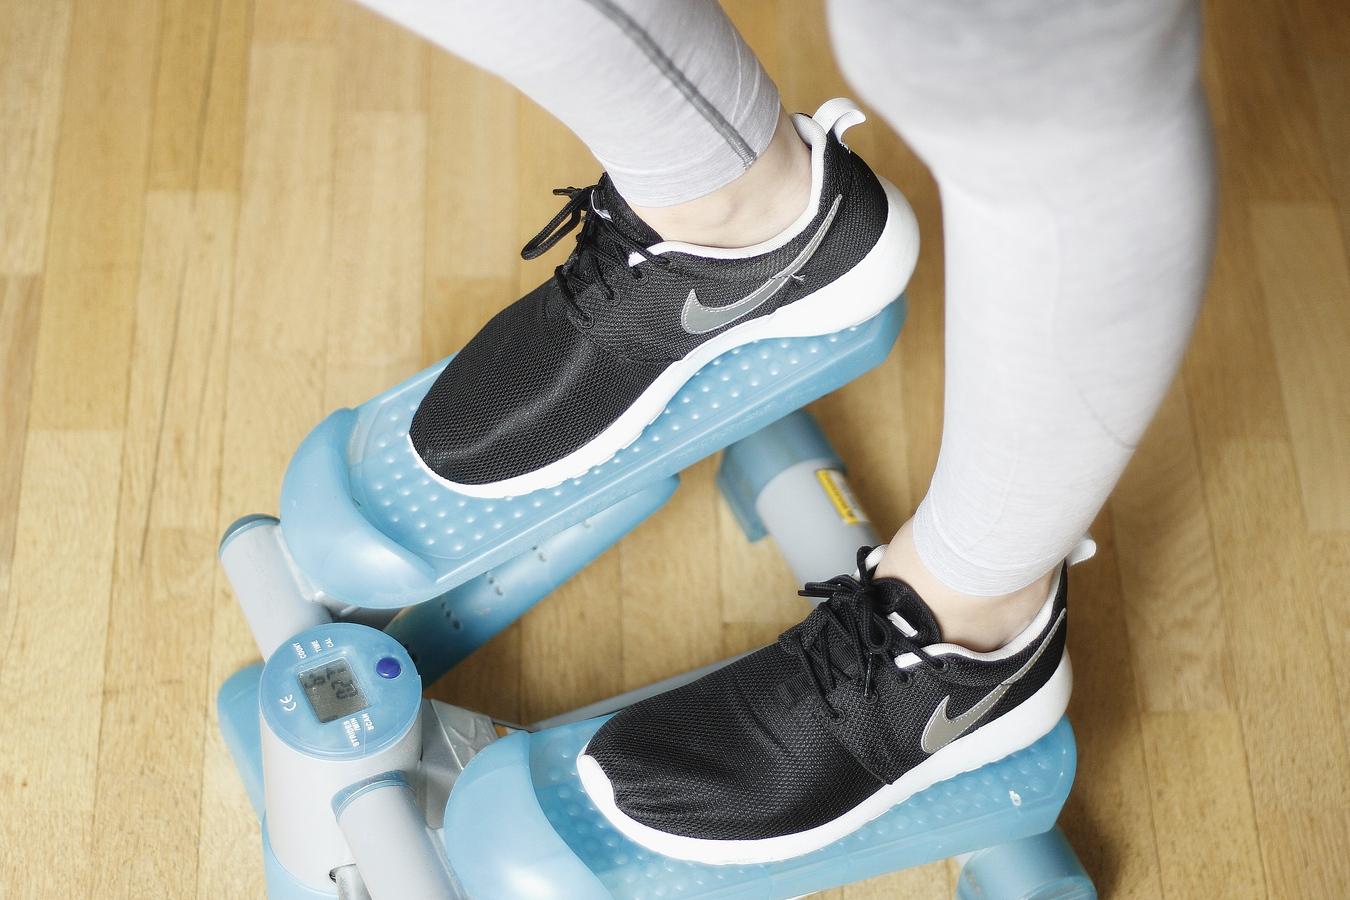 du style, madame - sport facile - remise en forme - sport pour les nuls